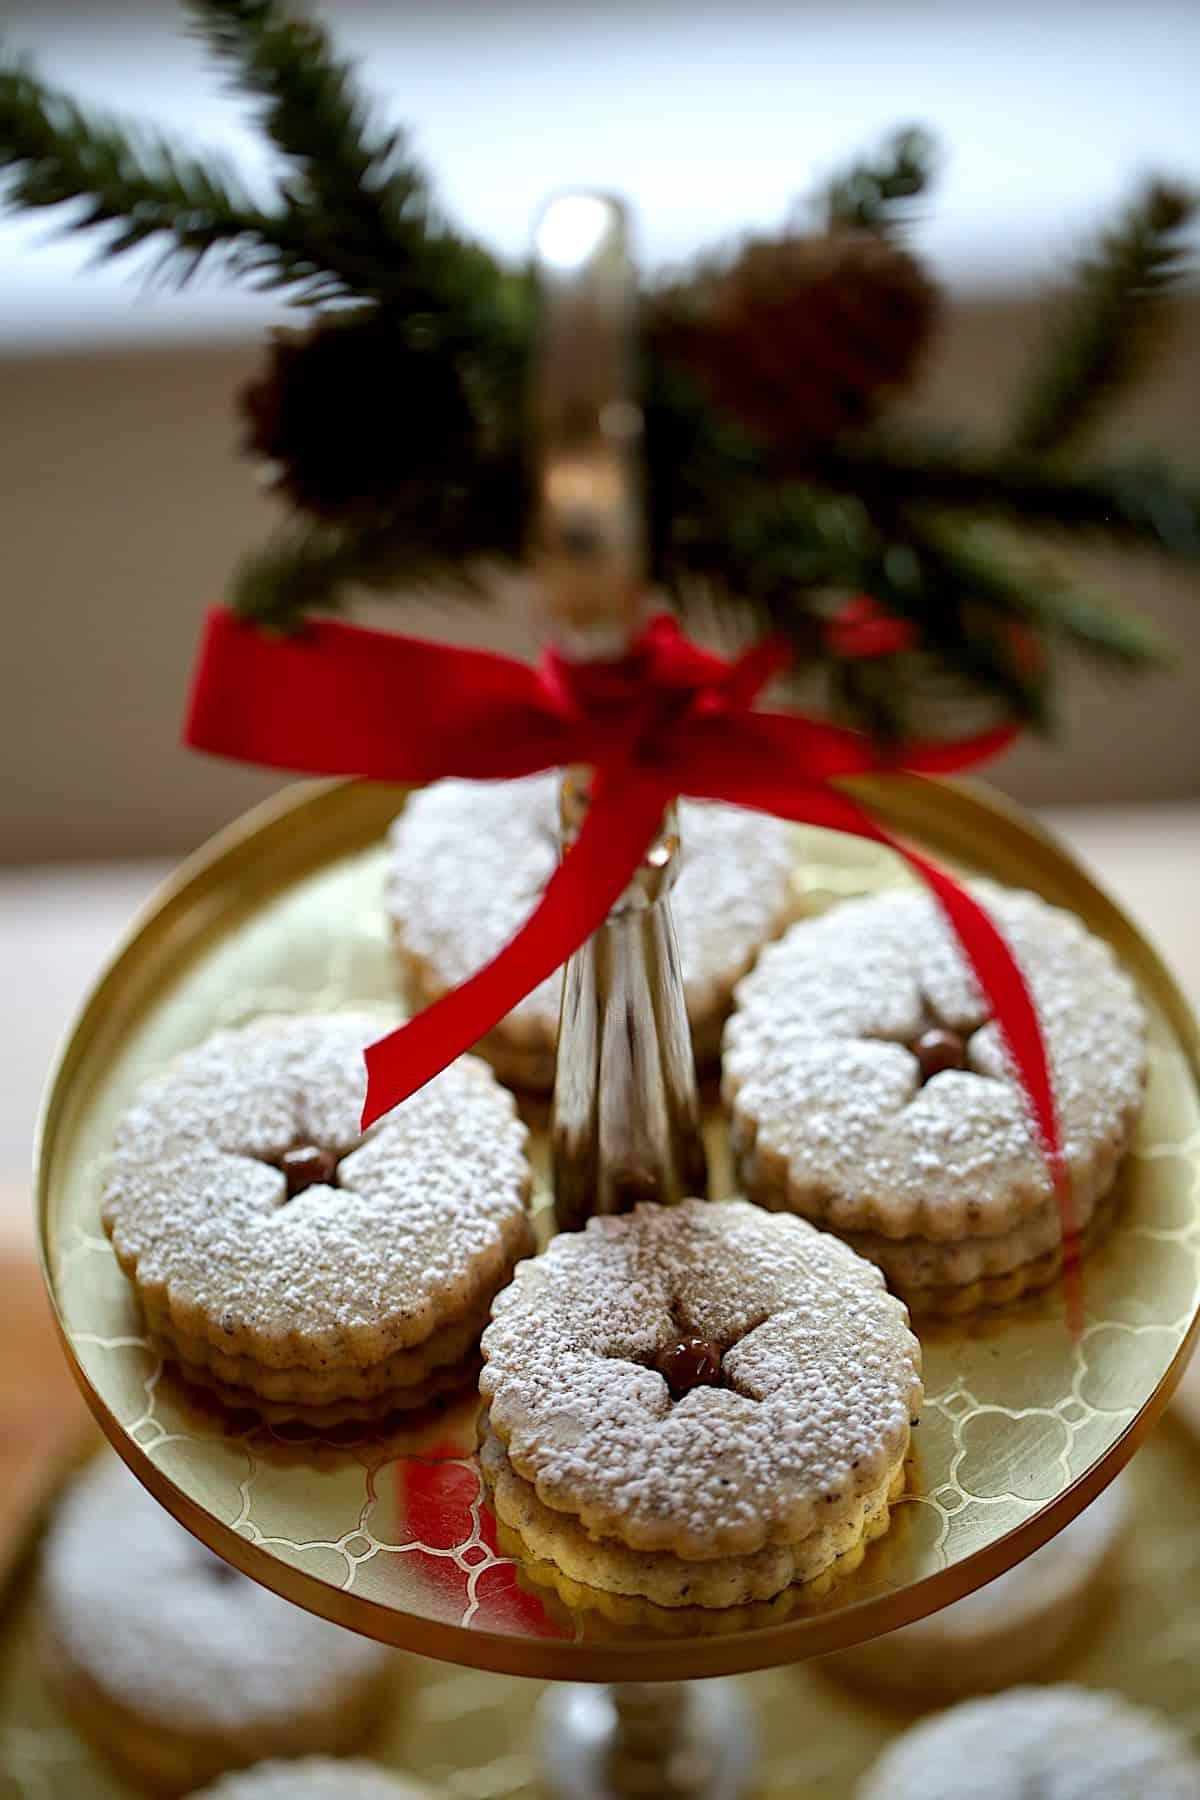 Hazelnut Chocolate Linzer Cookies on a gold platter